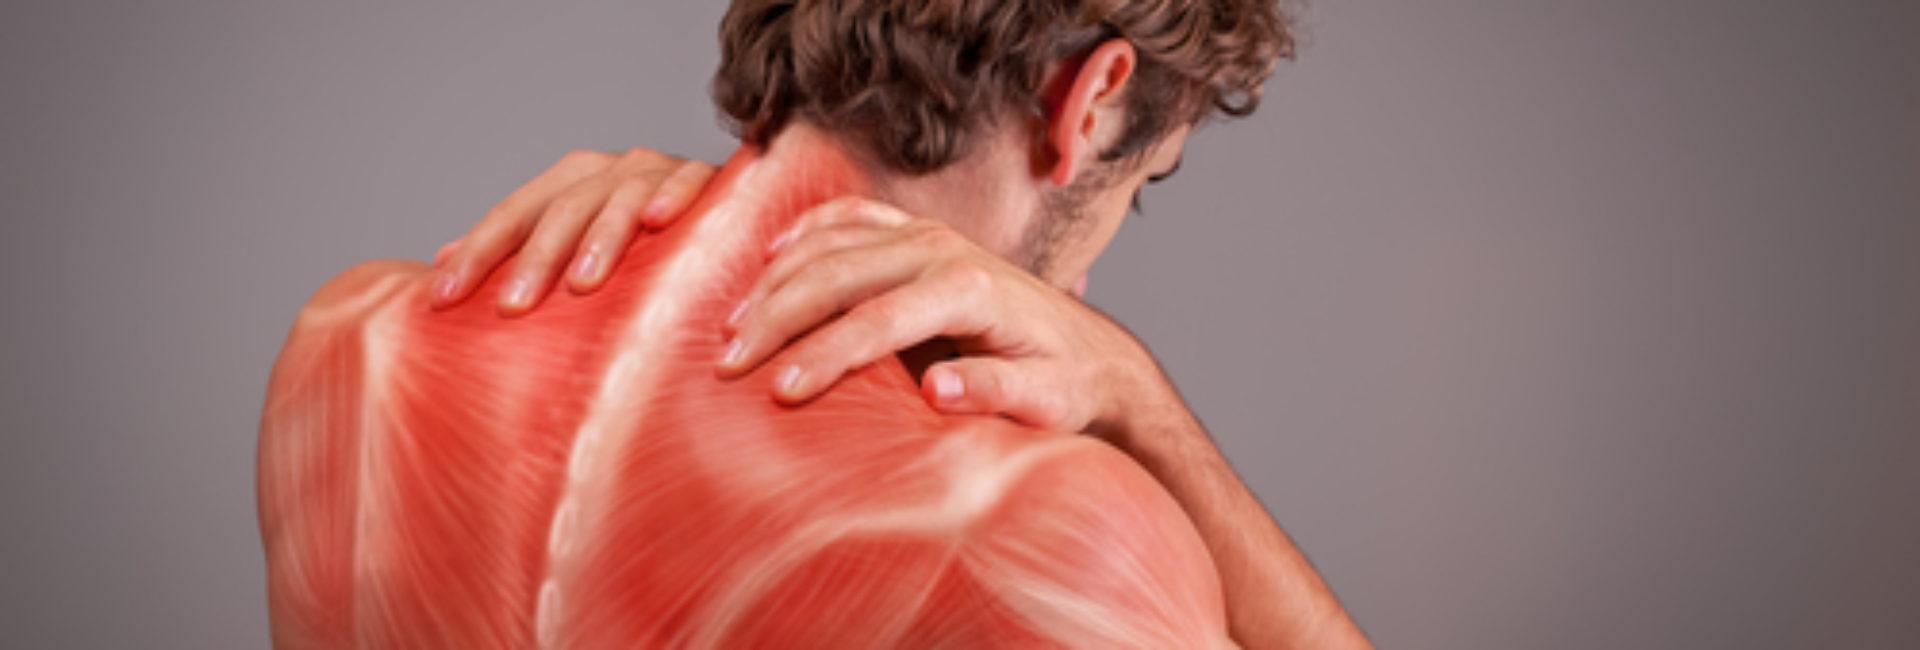 Muskel og skjelettplager